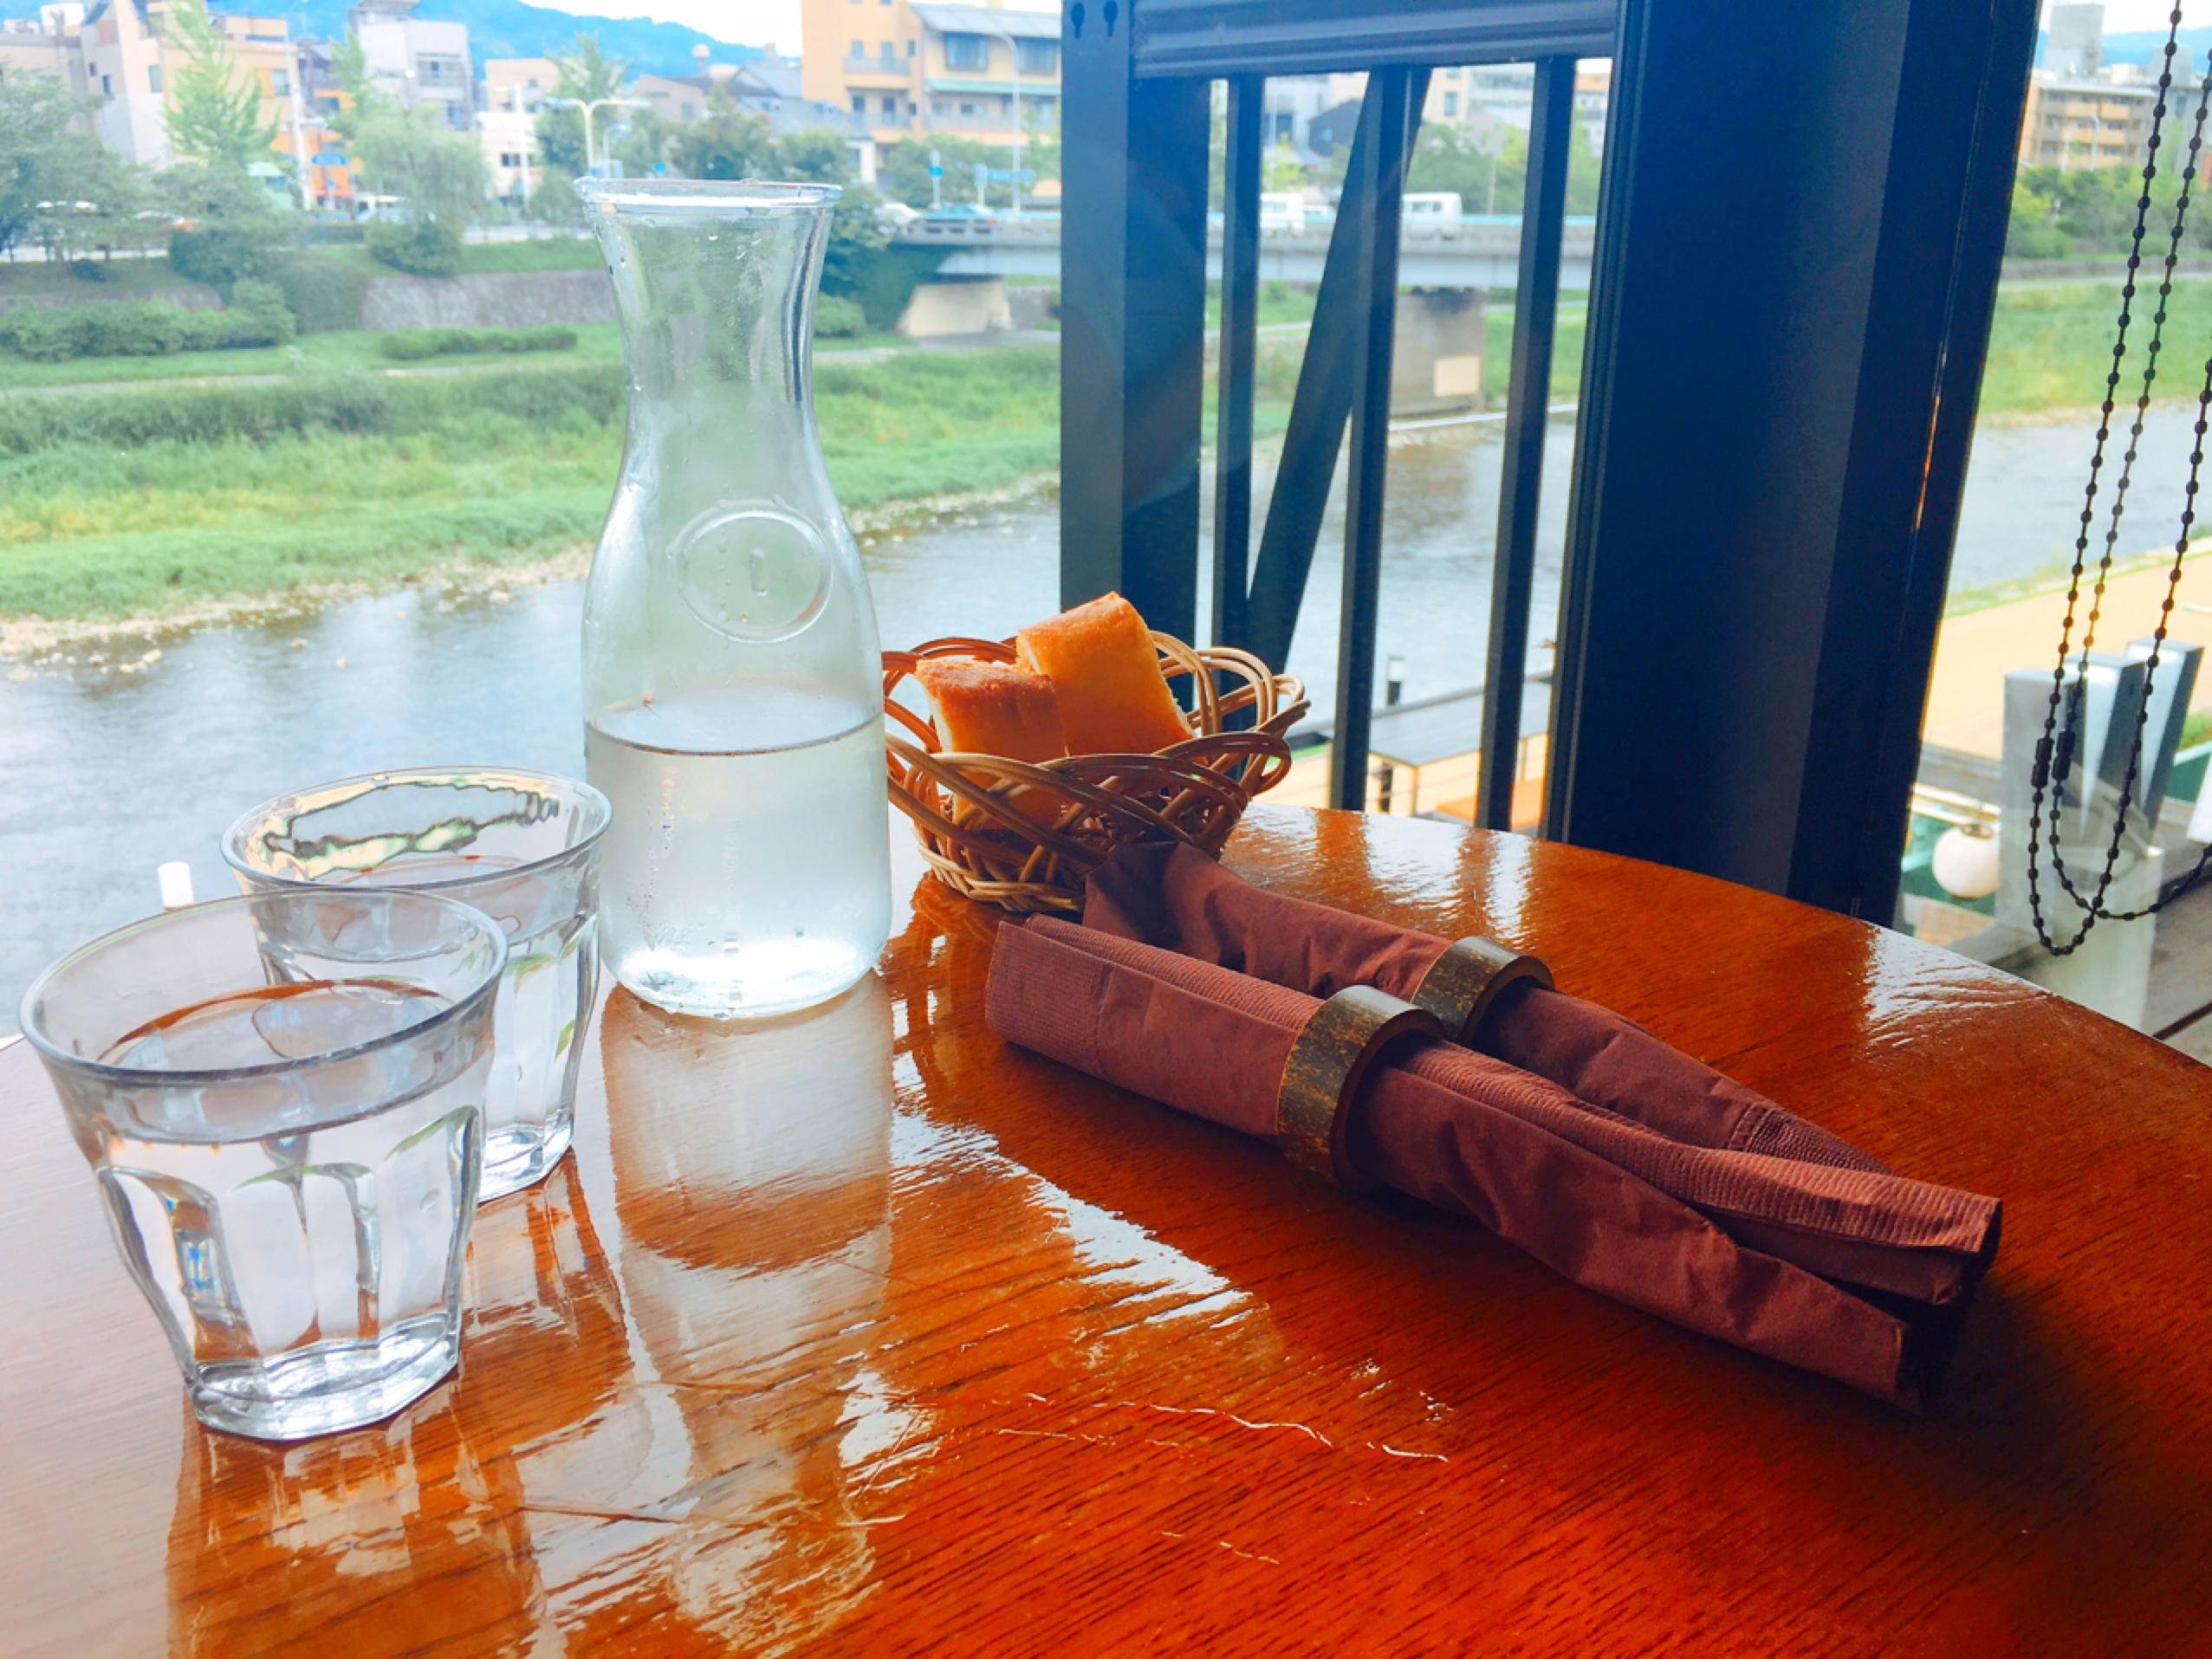 【このKYOTO cafeがアツイ!!】鴨川を見ながらランチ♡ kawacafe に行ってきました❁.*・゚_1_3